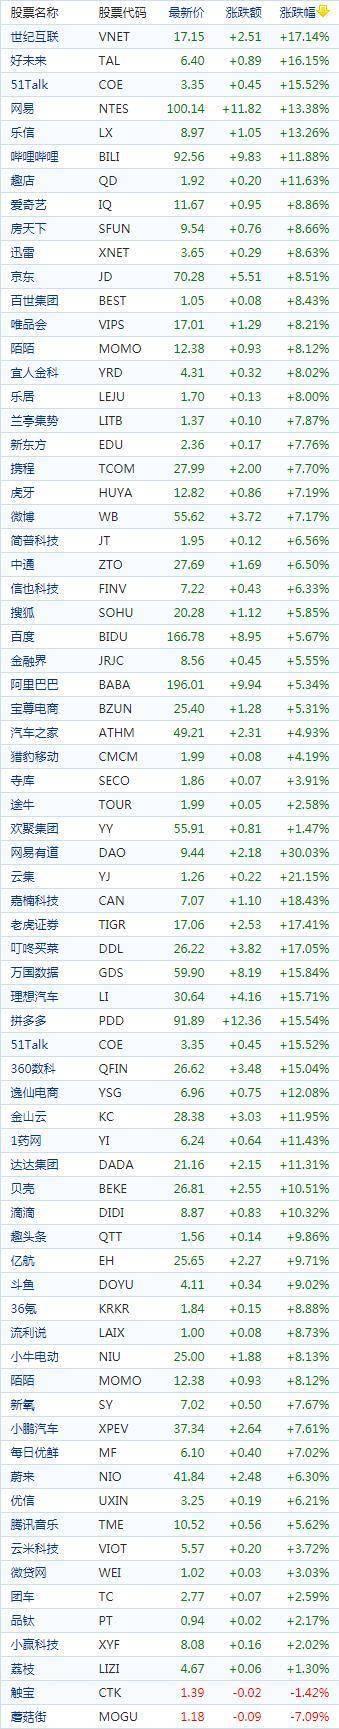 中国概念股周三收盘普遍收涨 科技股普涨好未来涨近16%